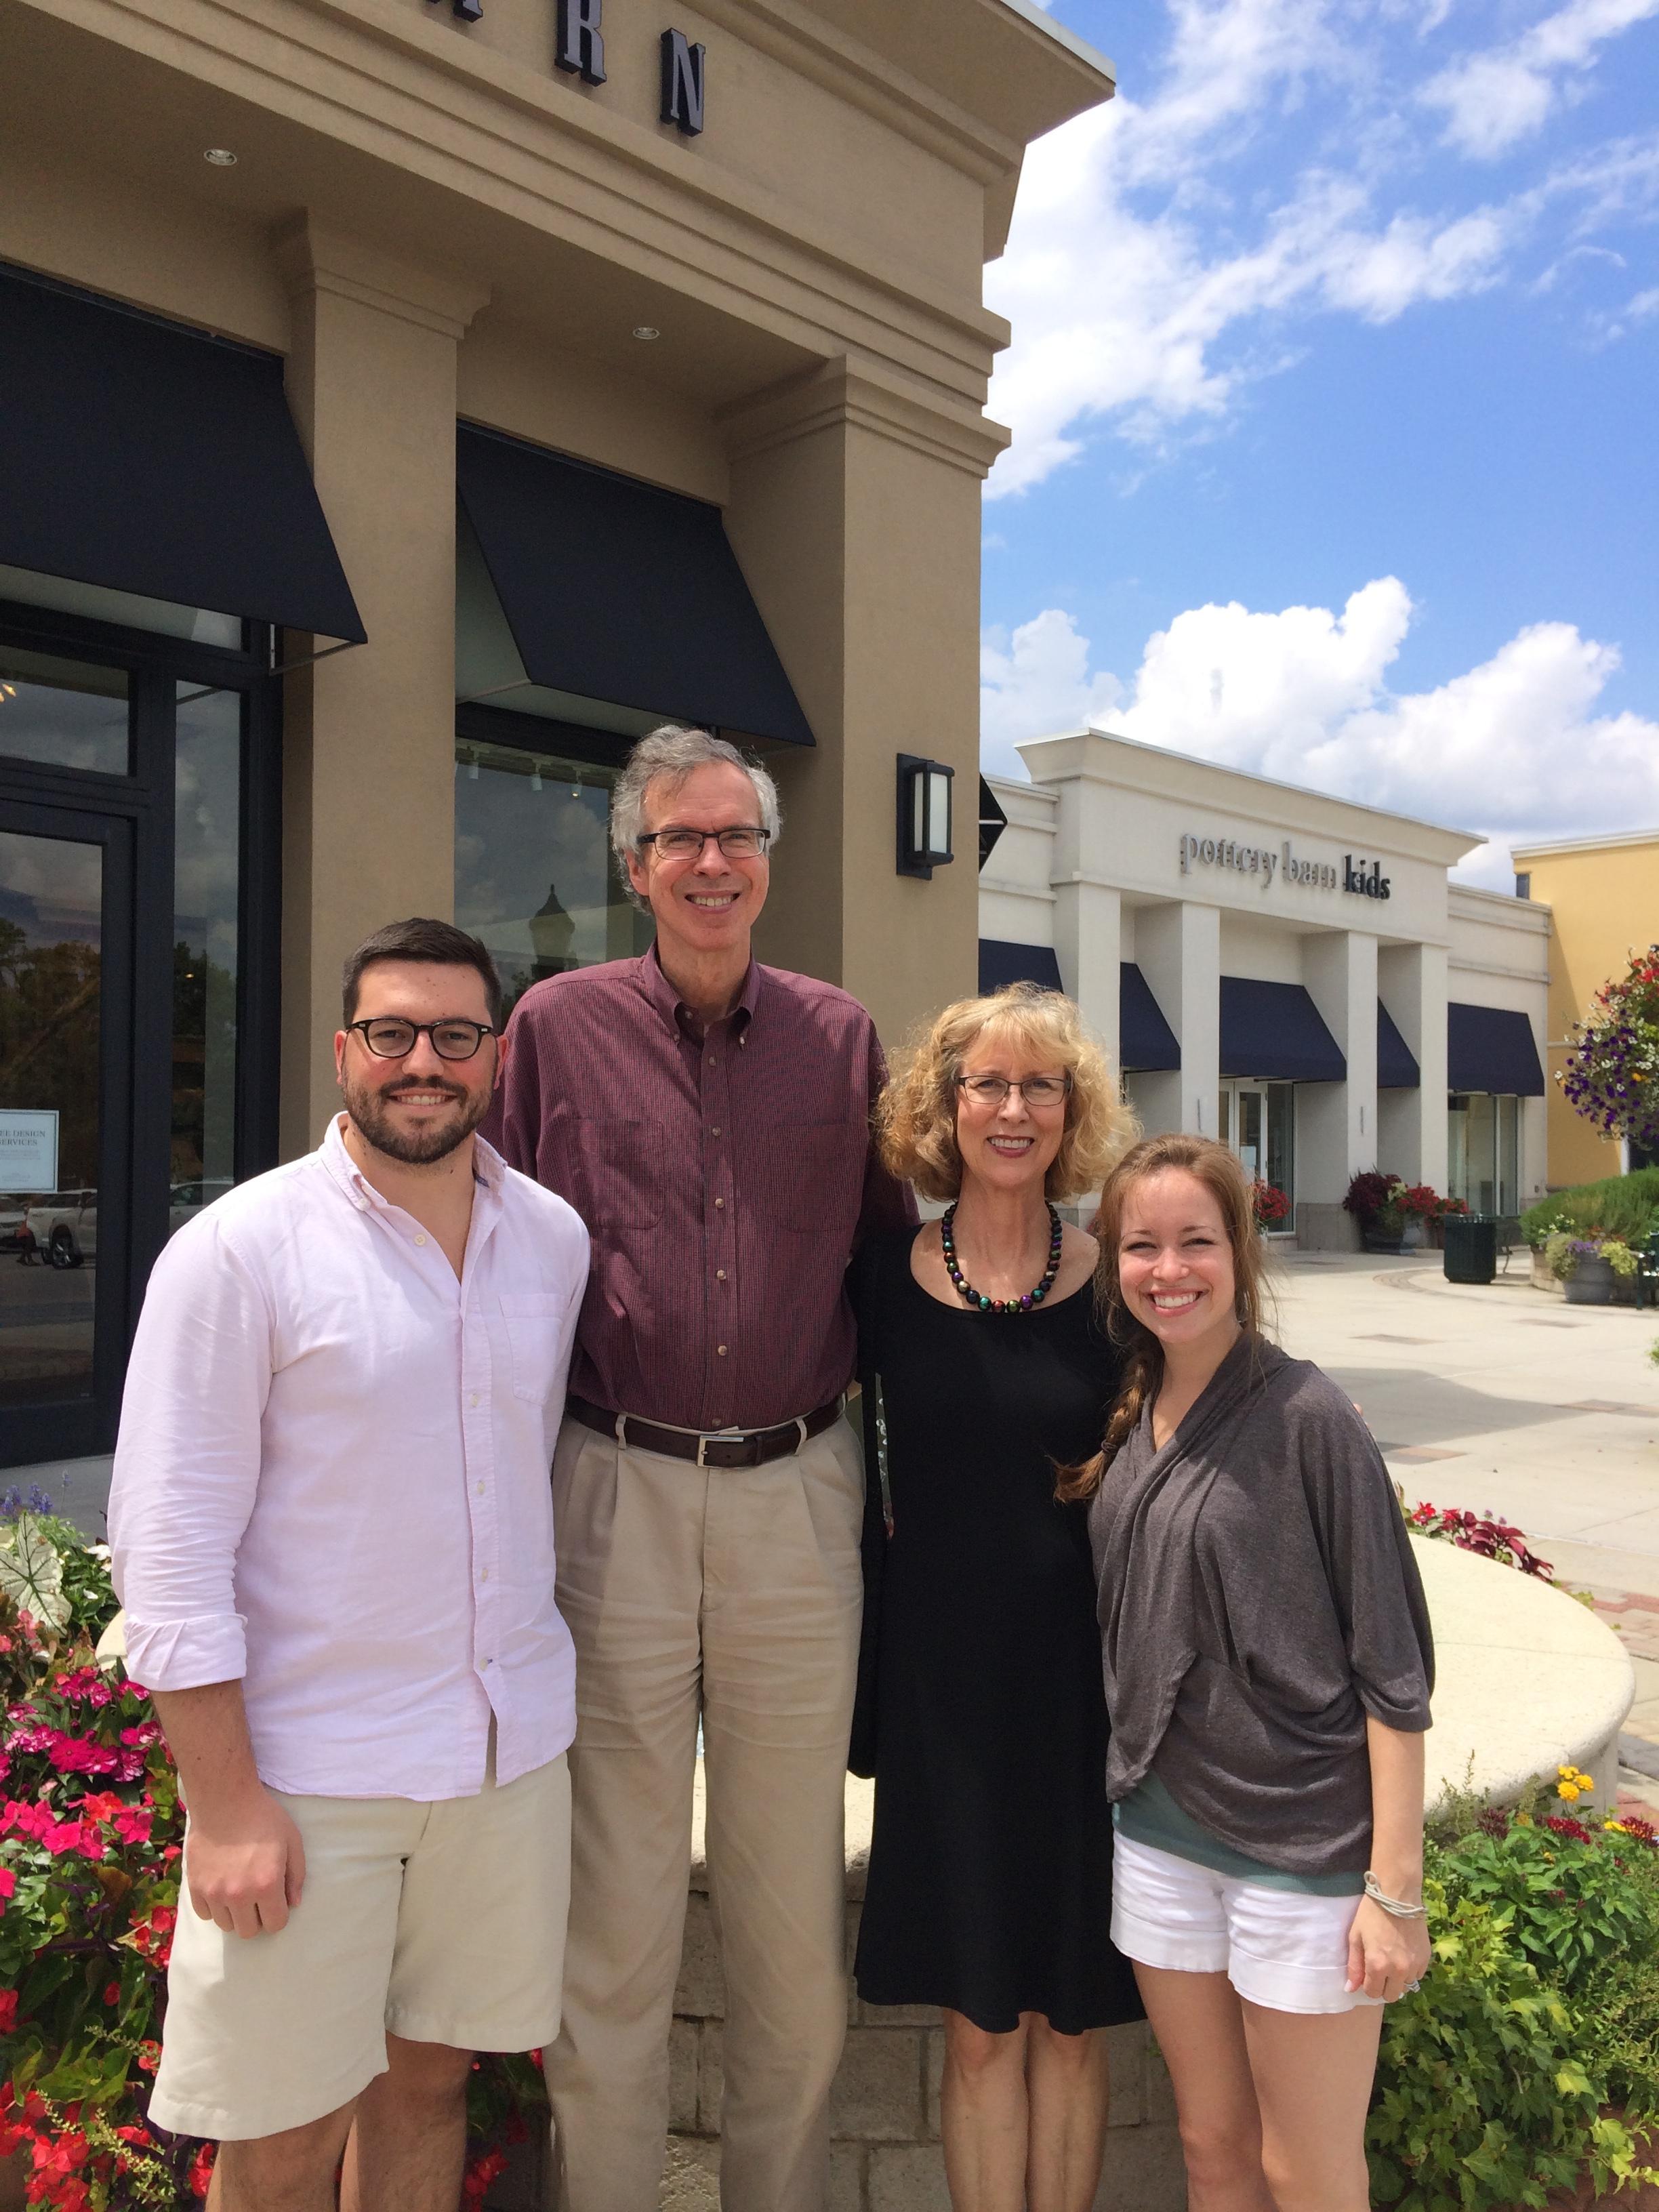 Karen Labarr family.jpg